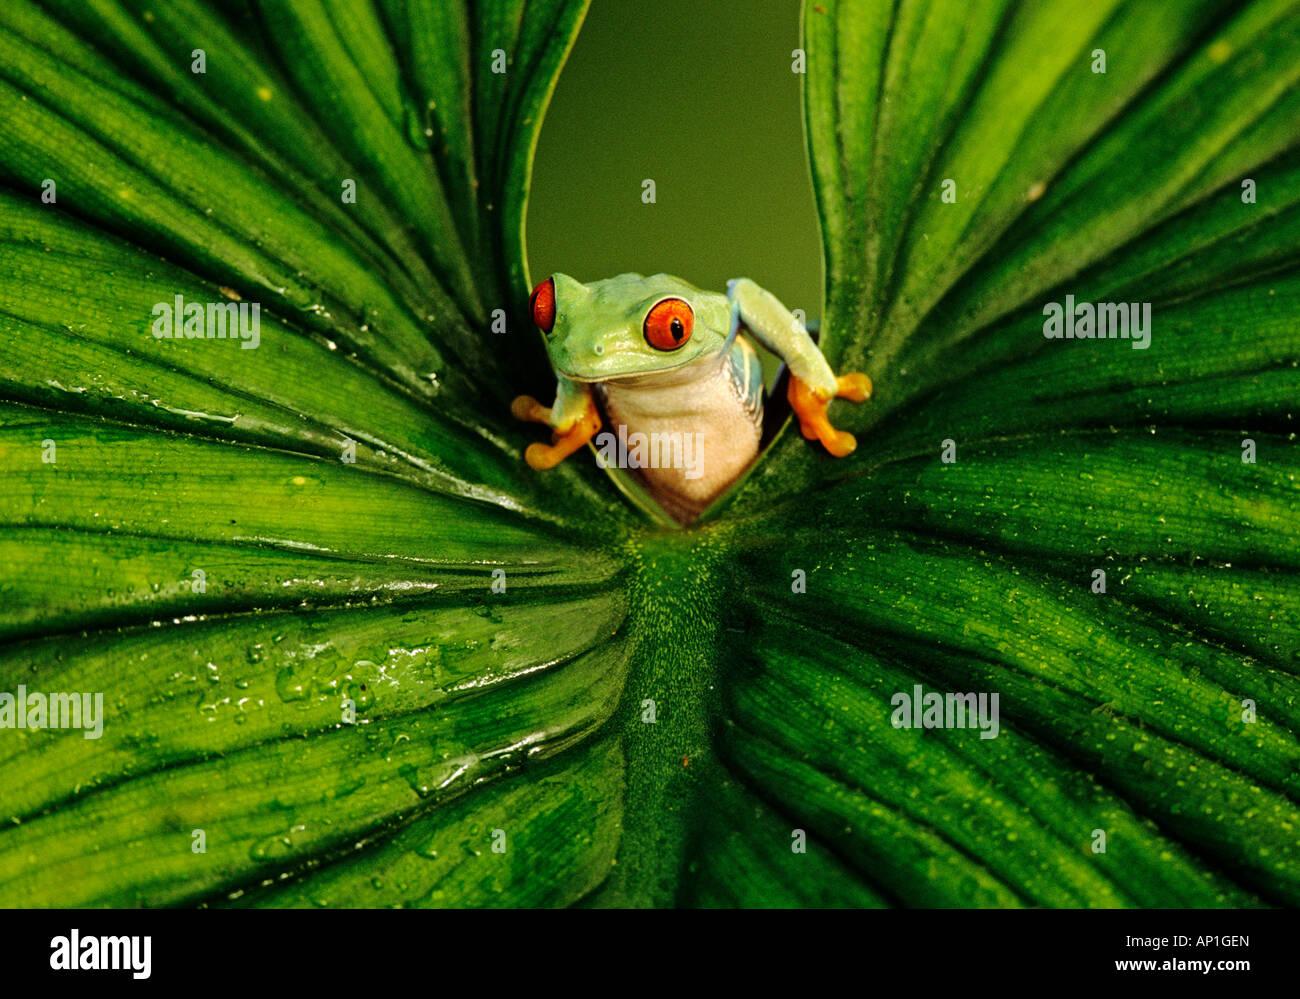 Red eyed Laubfrosch spähte durch Blatt gefangen Stockbild